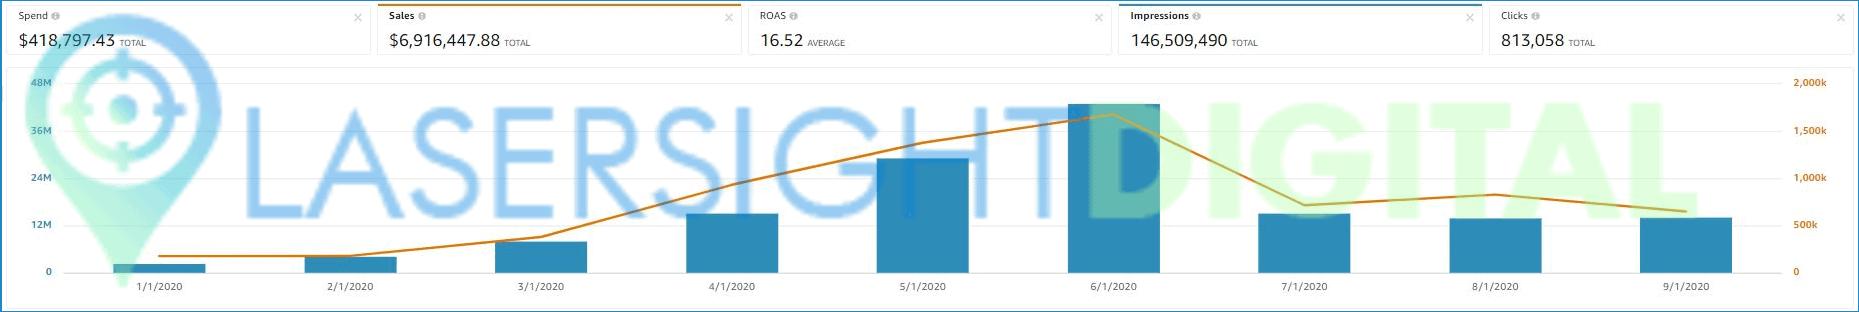 2020 - sales =$6.9m - spend=$418.8k - ROAS =16.52x